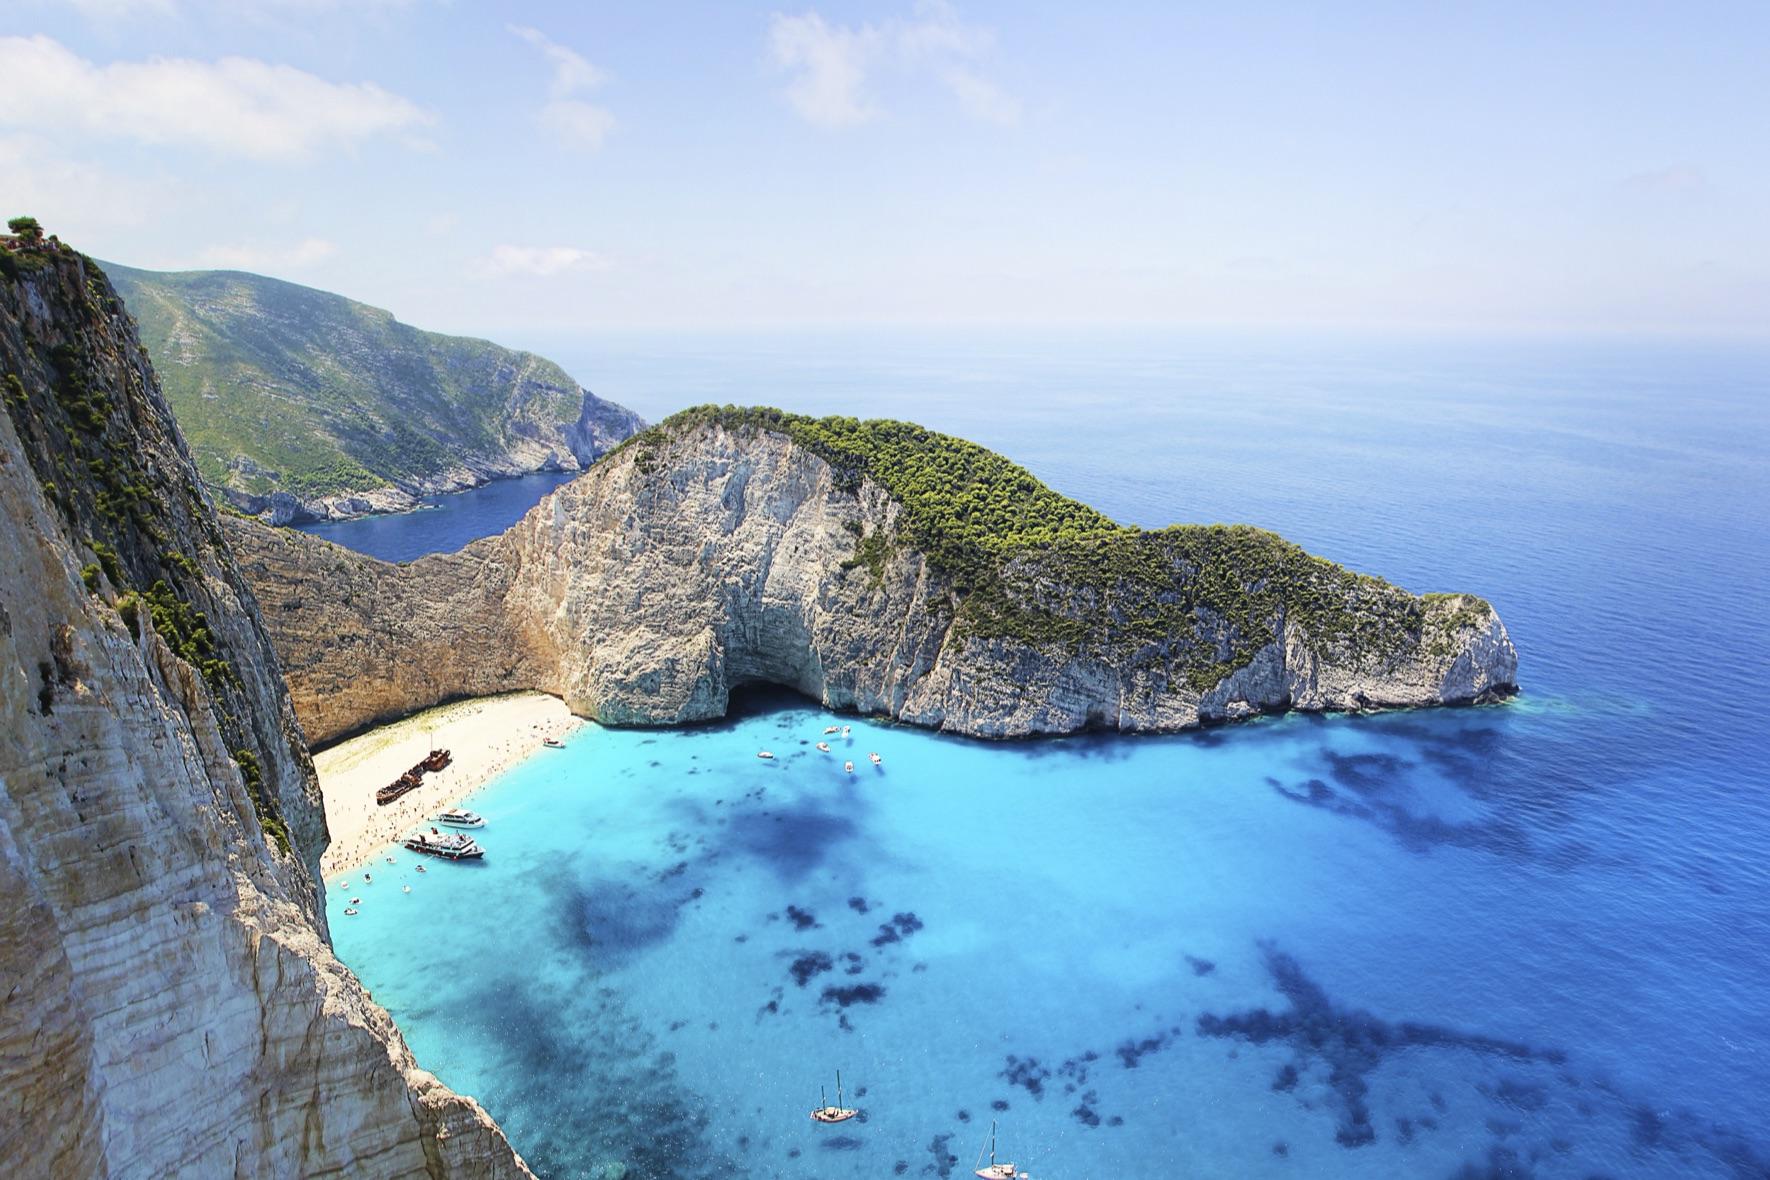 zante_itinerario_relitto_catamarano_vela_grecia_outcage